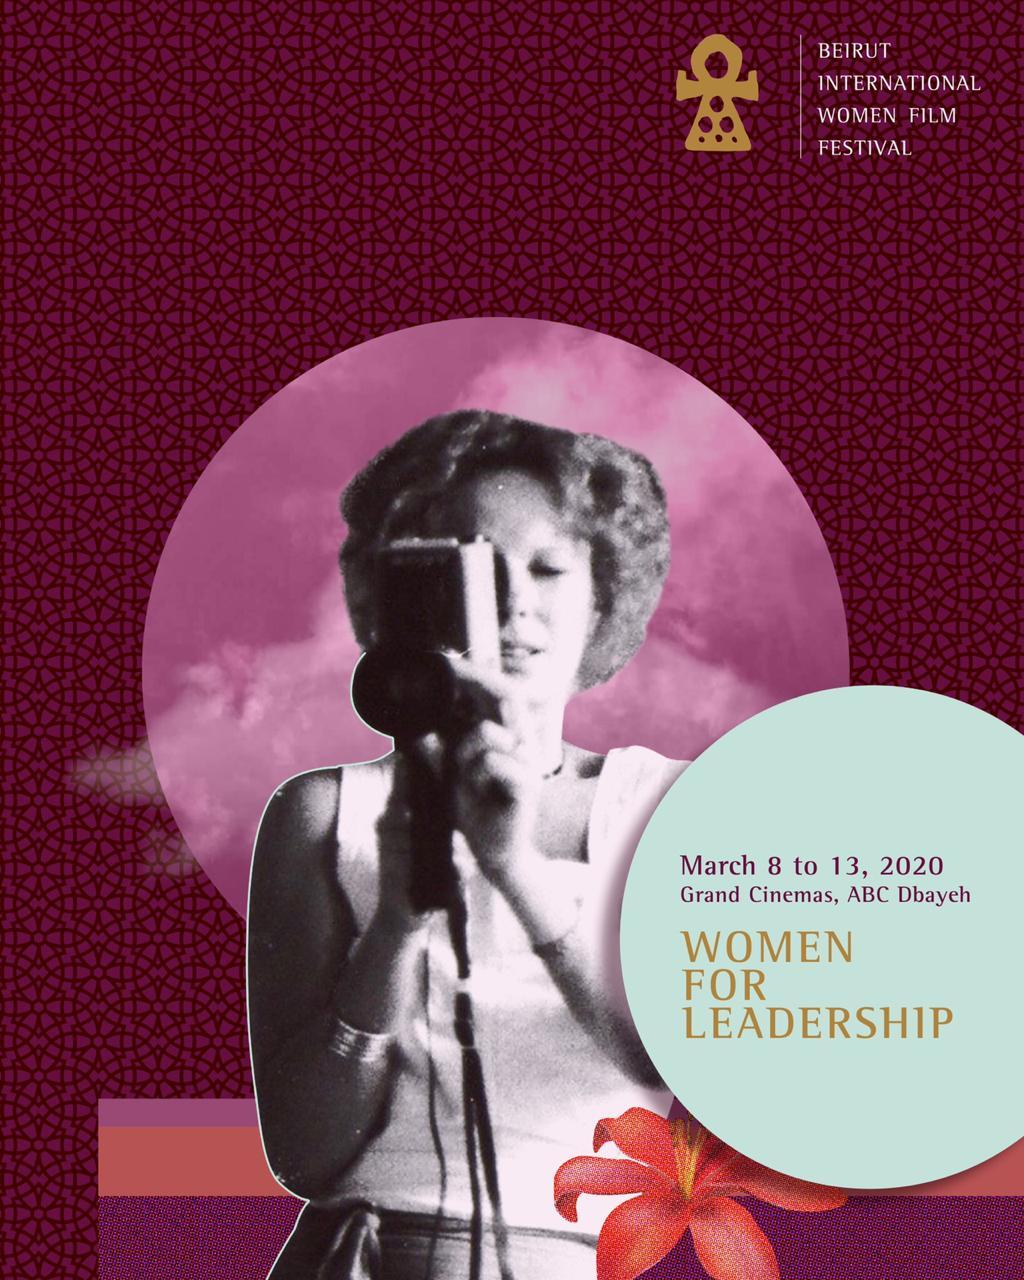 صورة مهرجان بيروت الدولي لسينما المرأة مستمرّ رغم كلّ الظروف